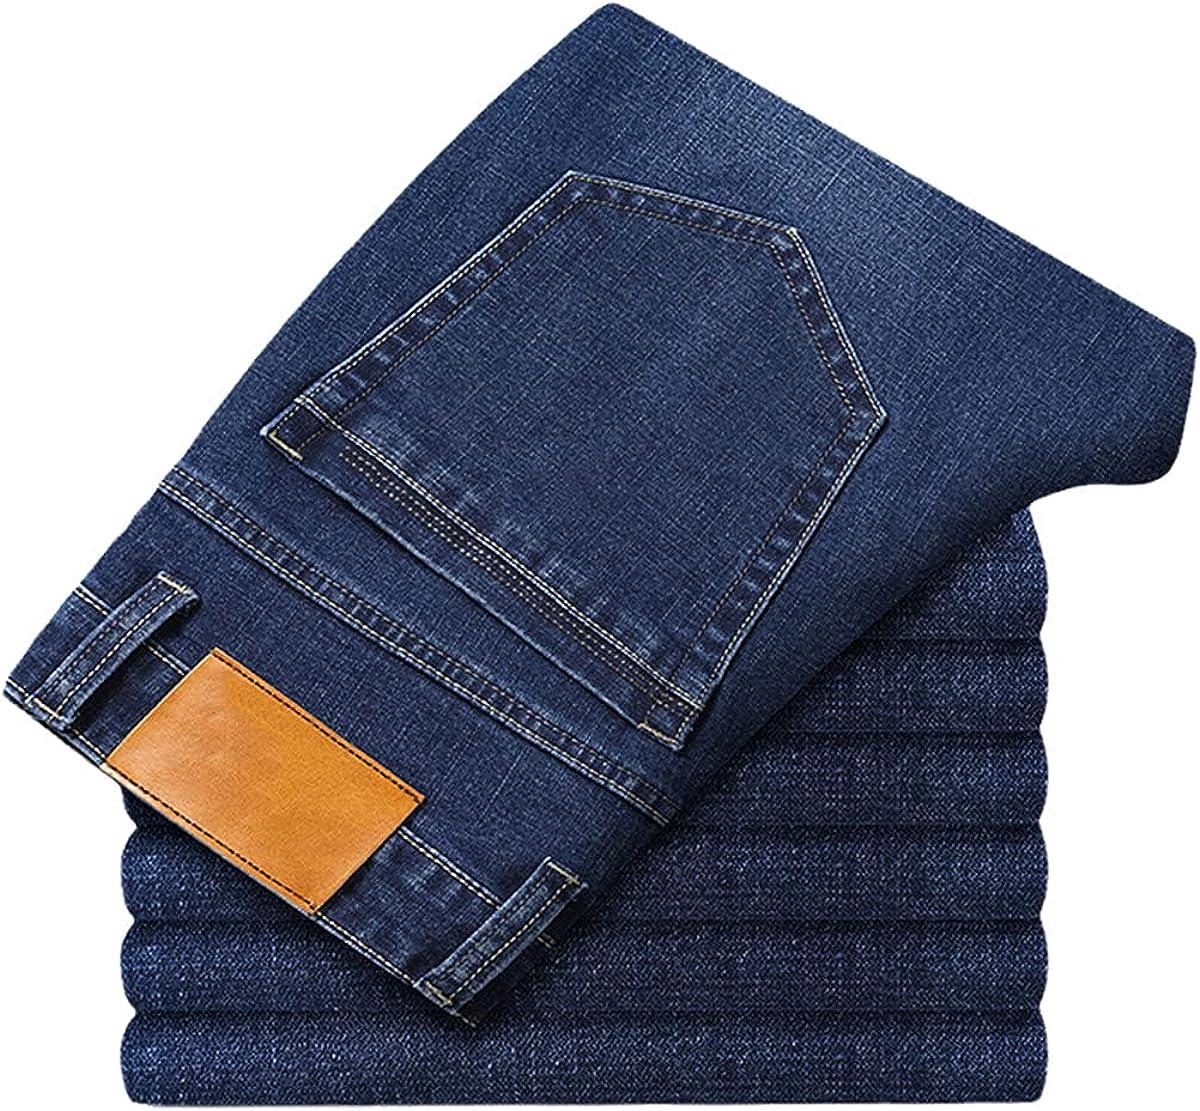 Cotton Men's Jeans Classic Clothes Overalls Straight-Leg Pants